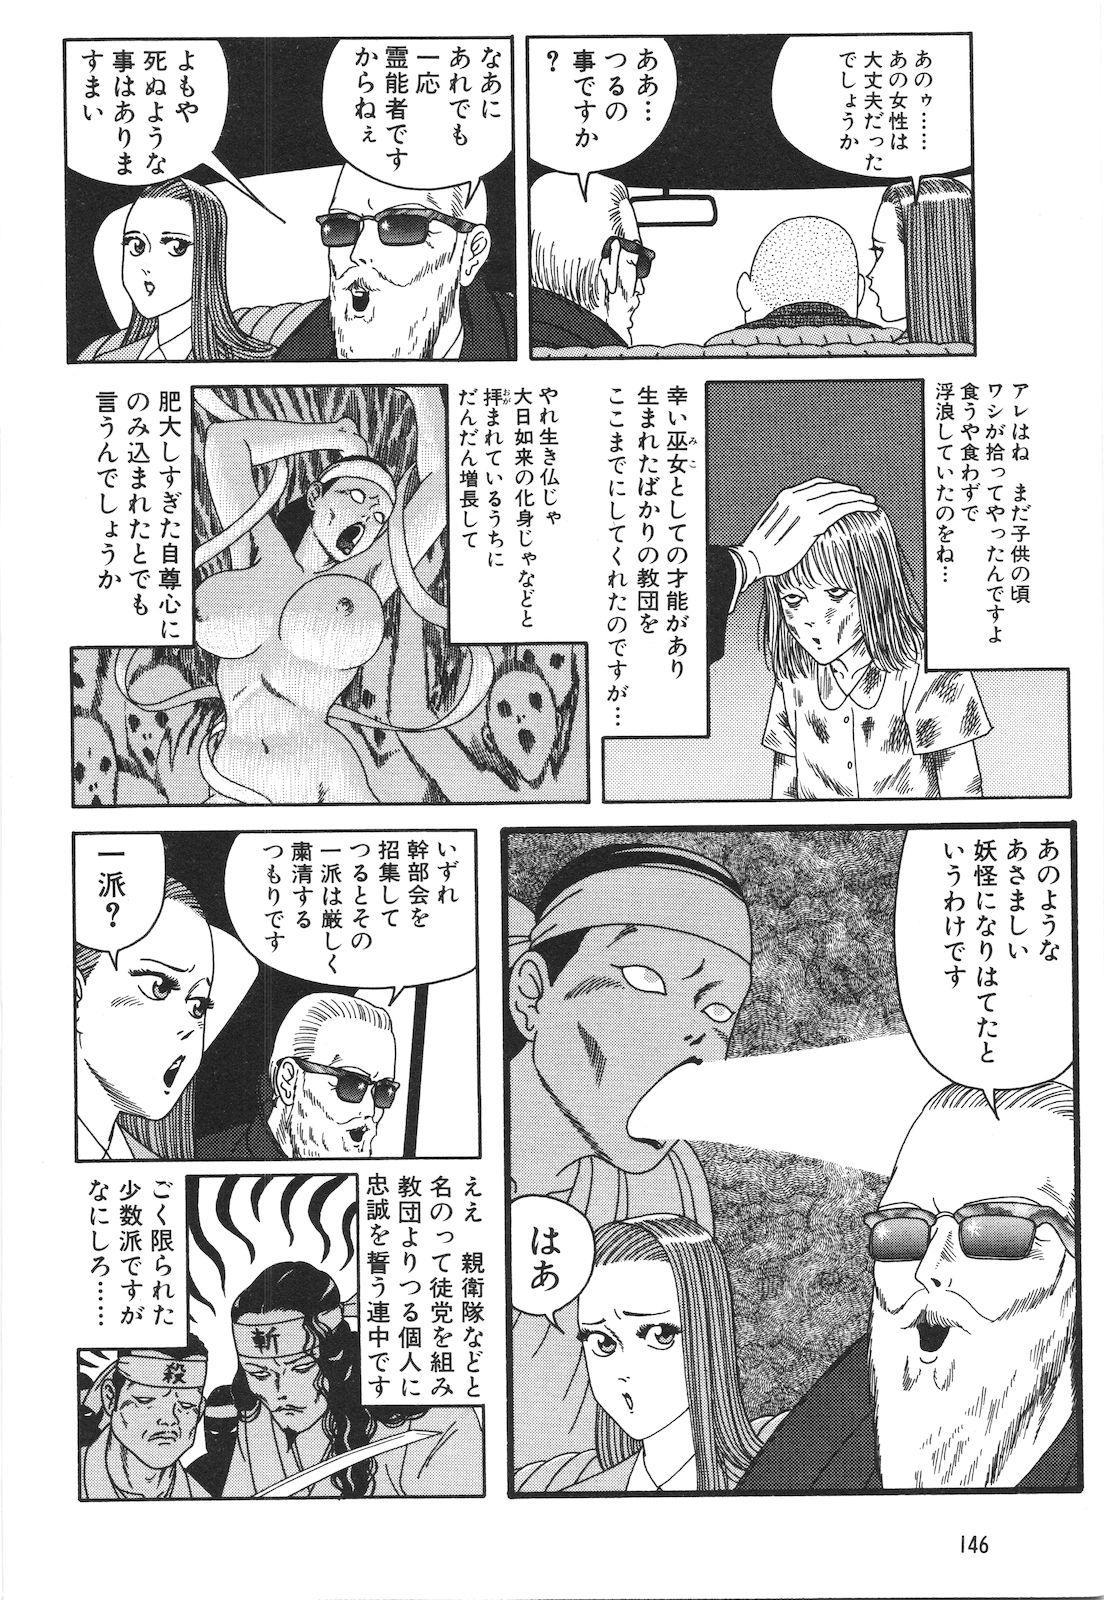 Dobusarai Gekijou 147